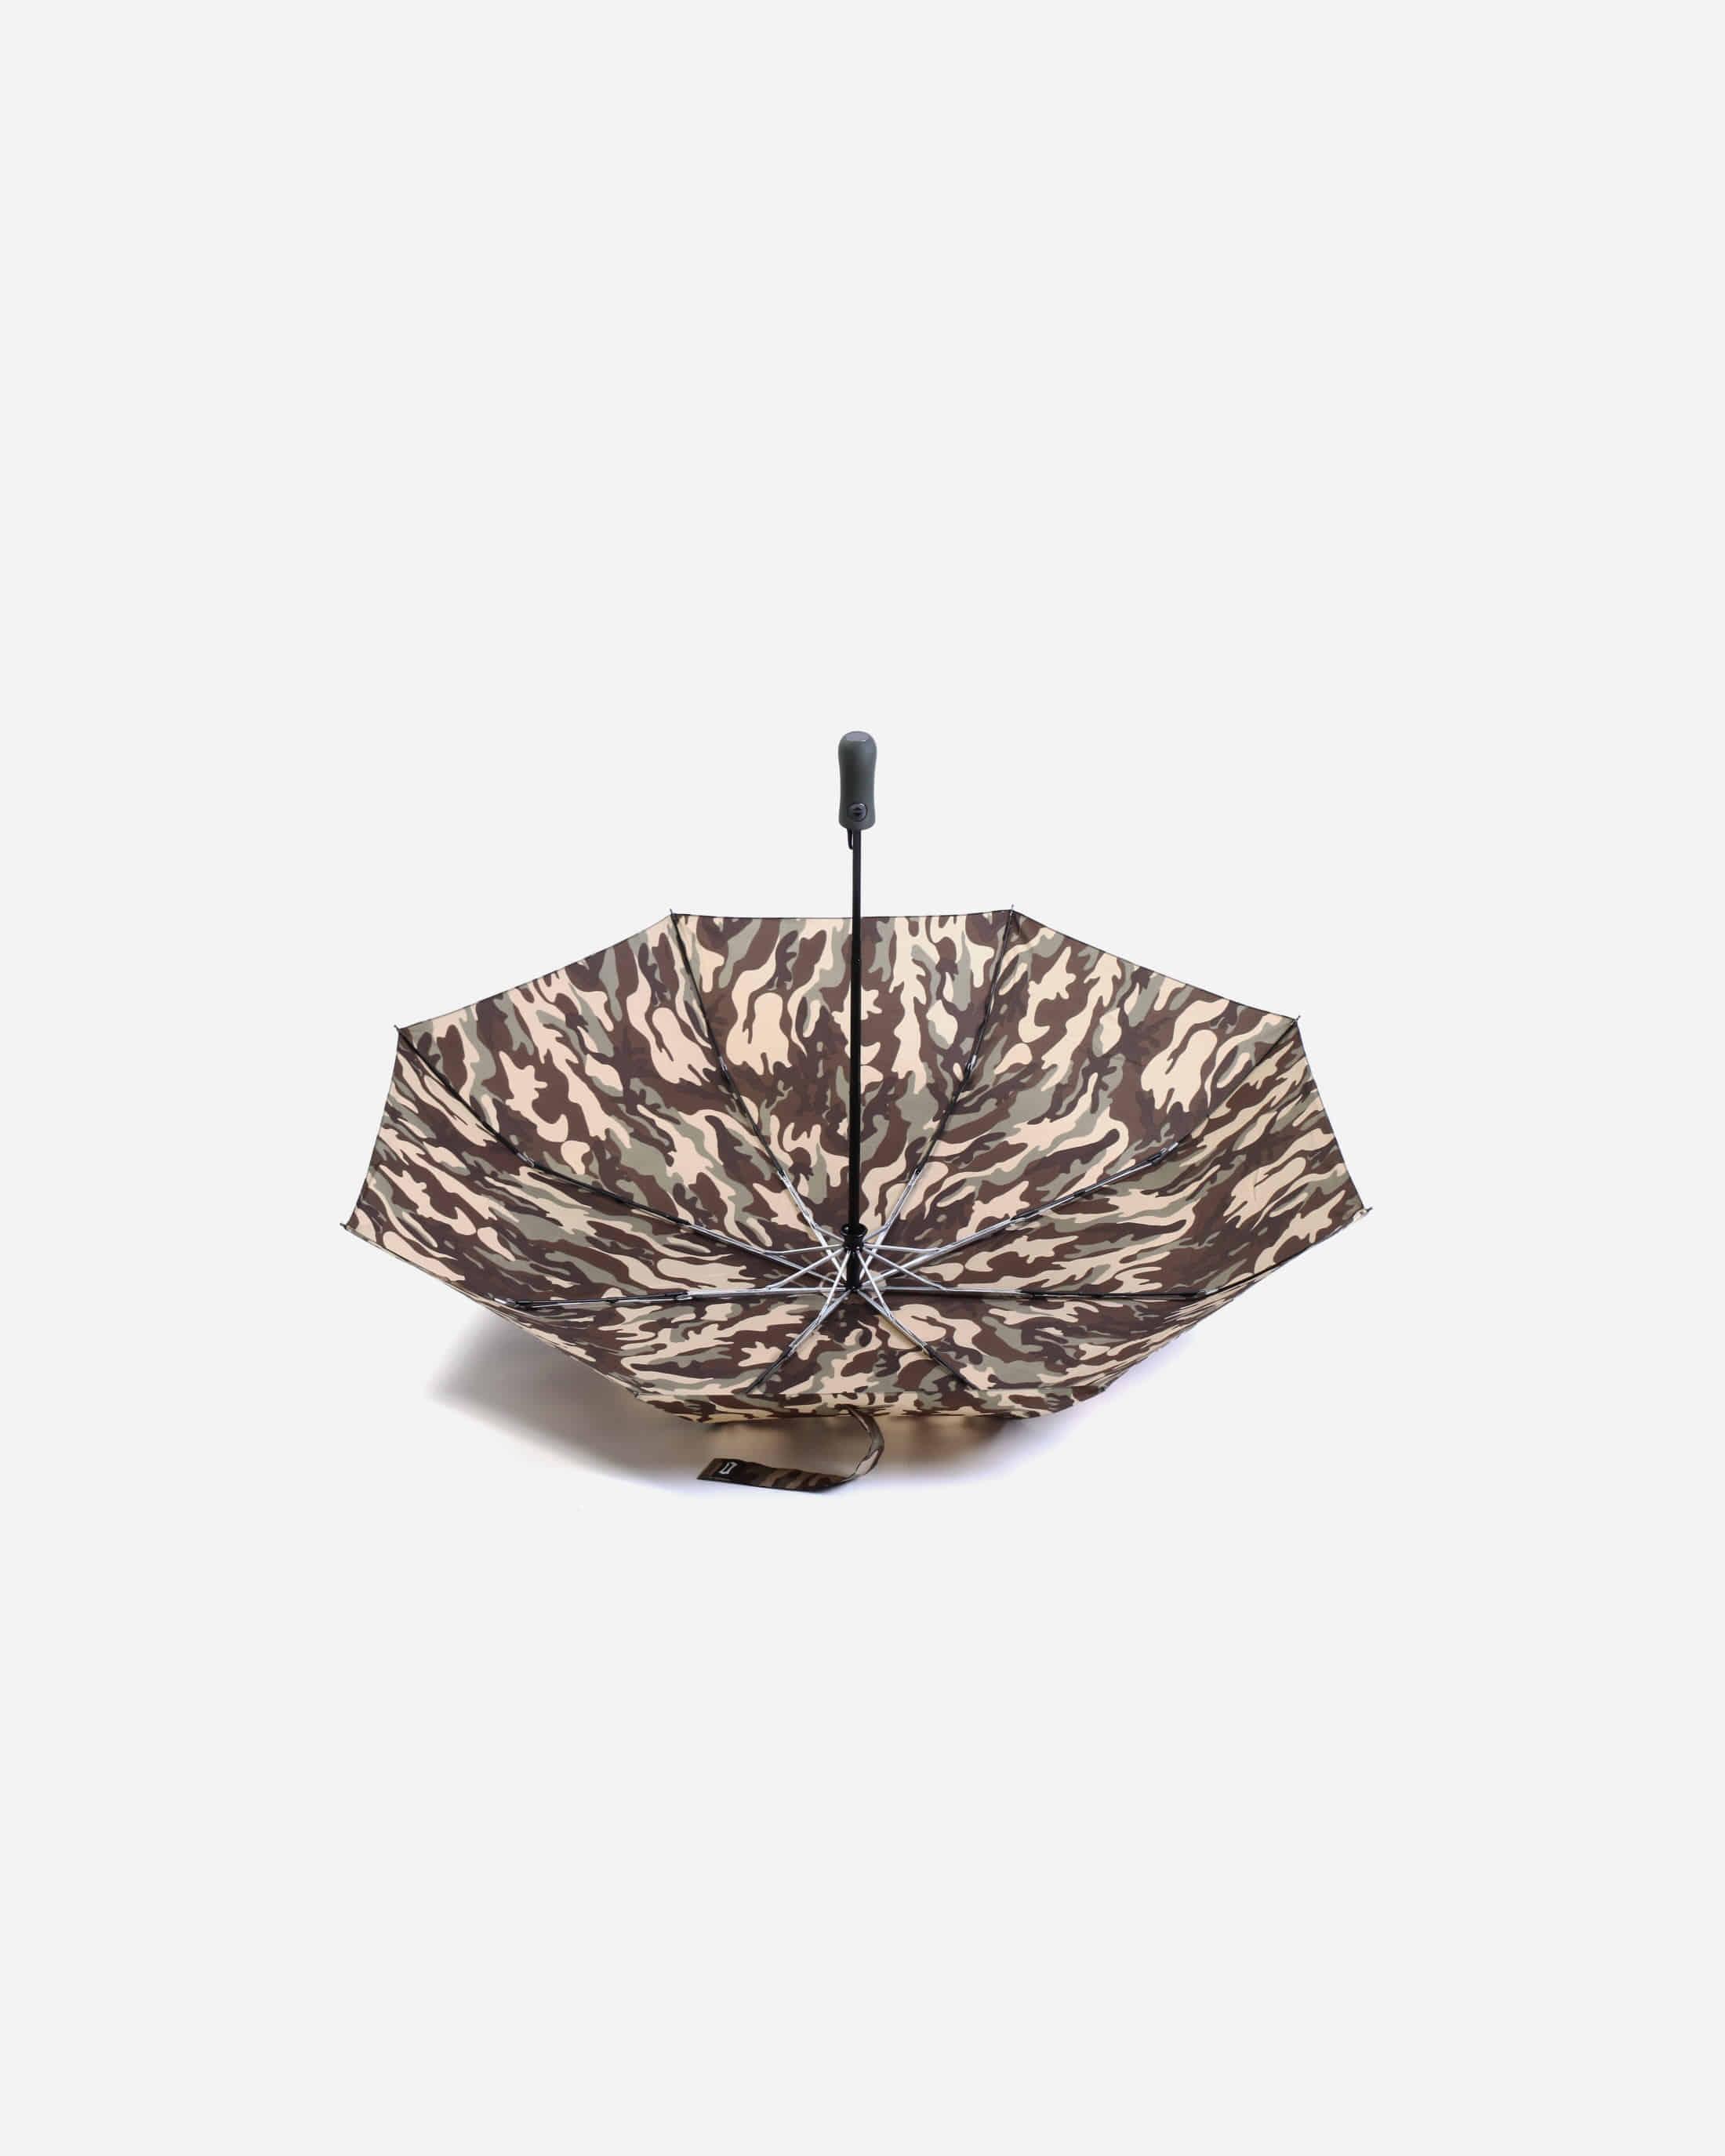 파라체이스(PARACHASE) 3205 빅사이즈 카모플라쥬 패턴 아웃도어 자동 3단 우산